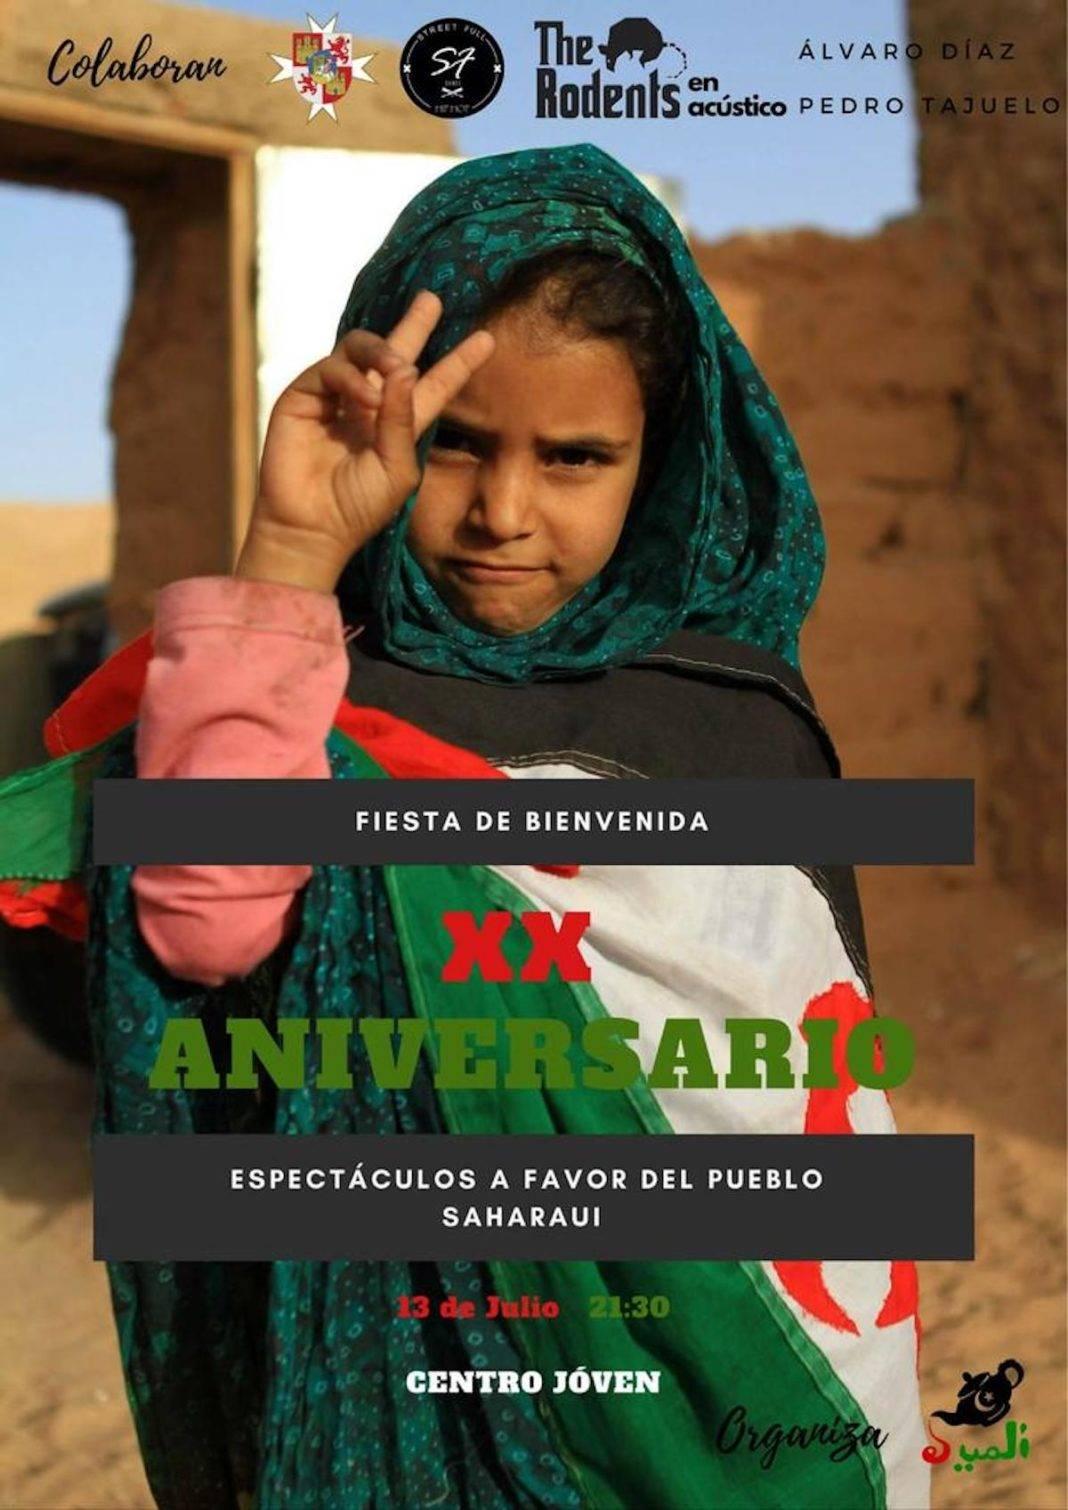 Fiesta de bienvenida XX Aniversario a favor del Pueblo Saharaui 4